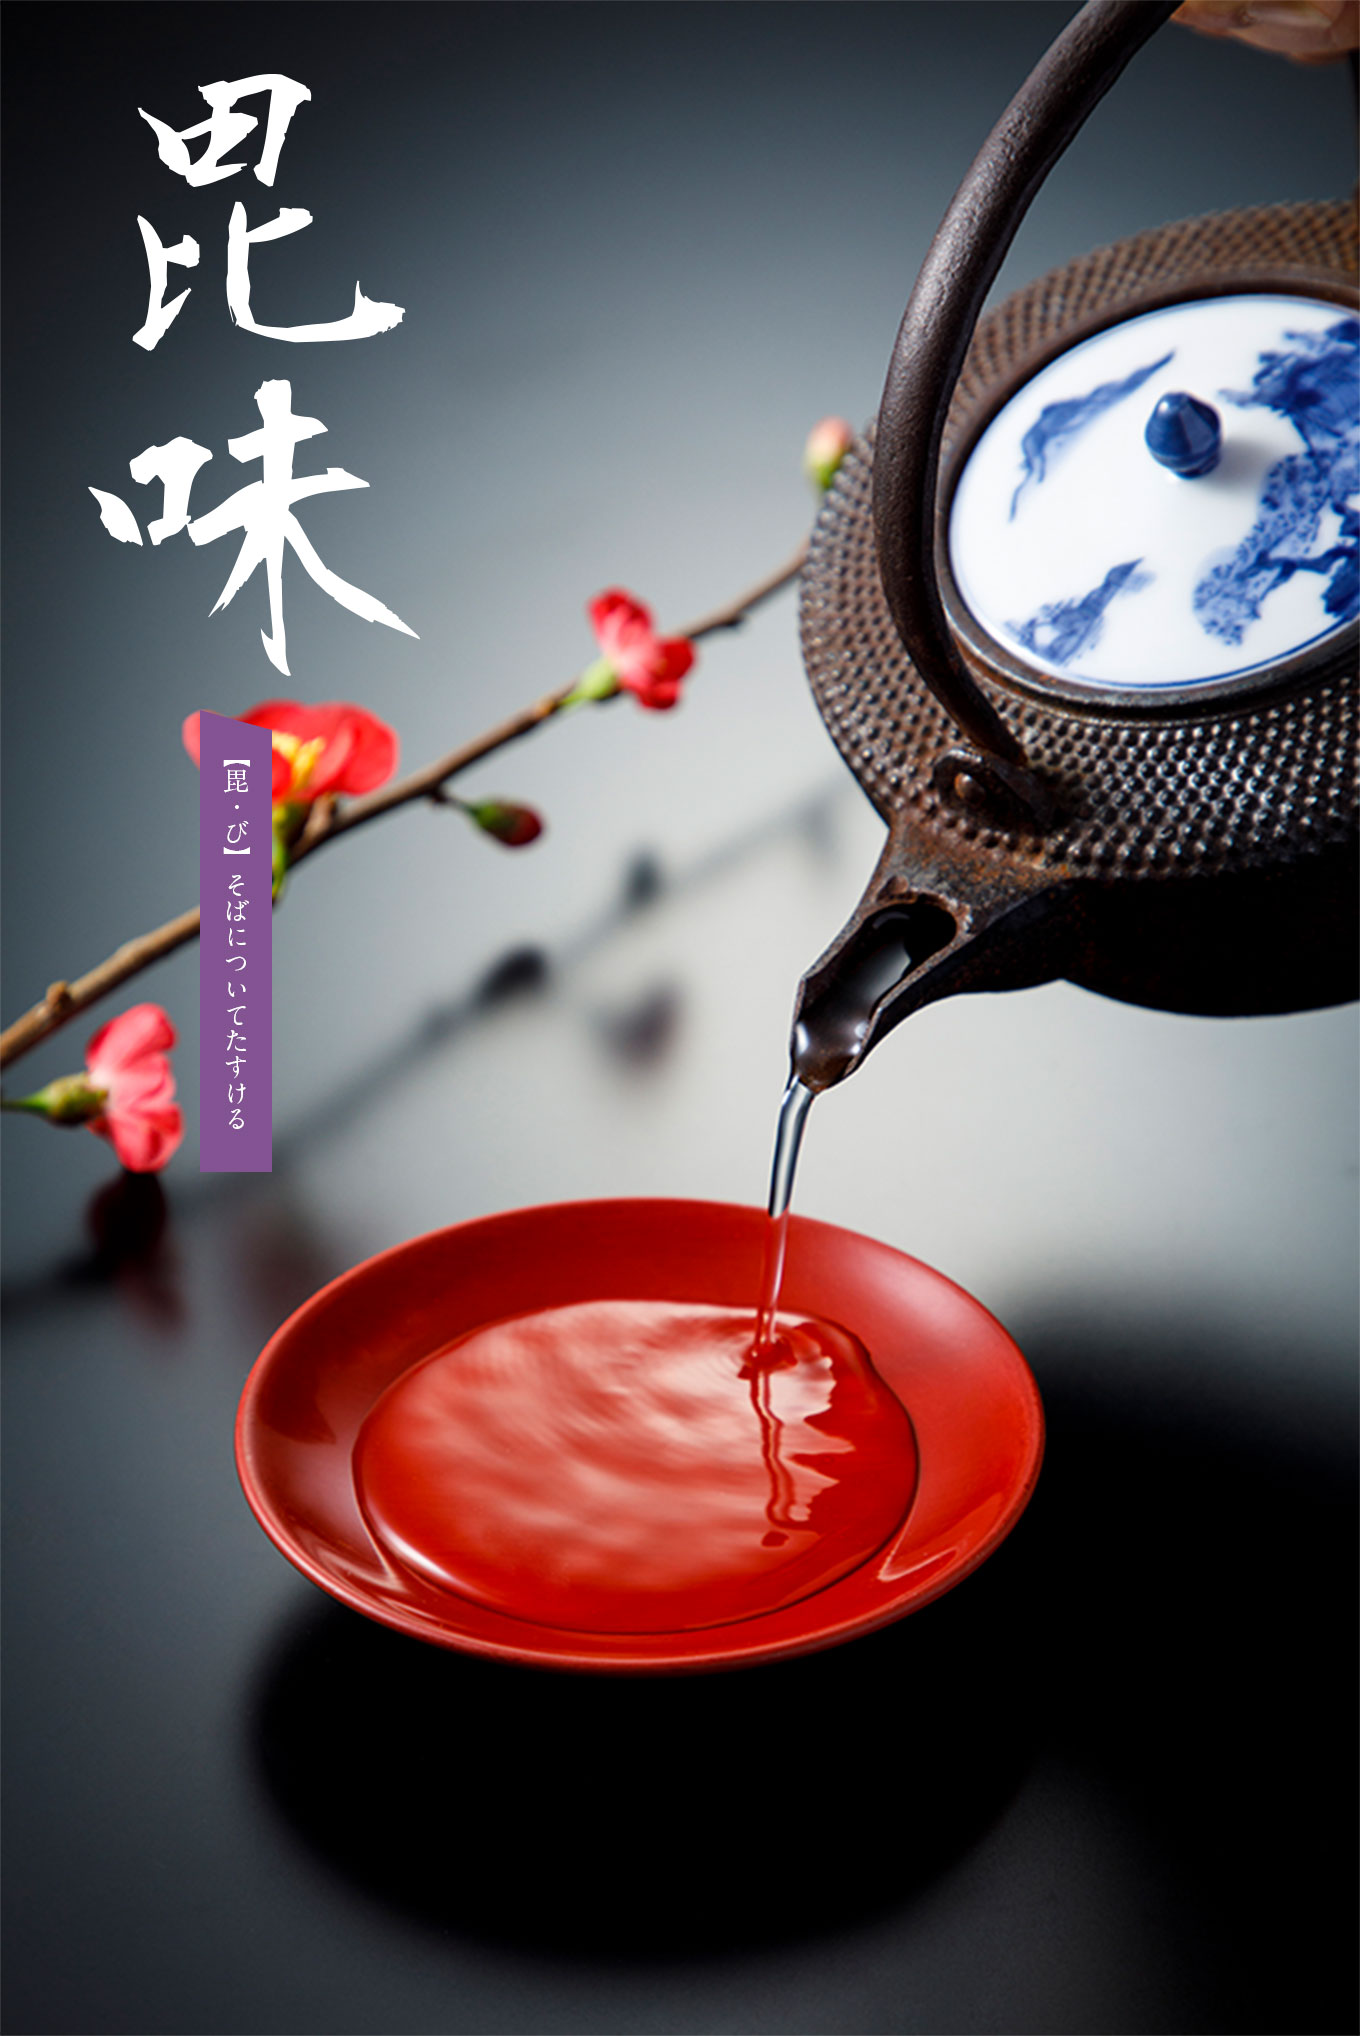 香川の地酒が和食の味を引き出す